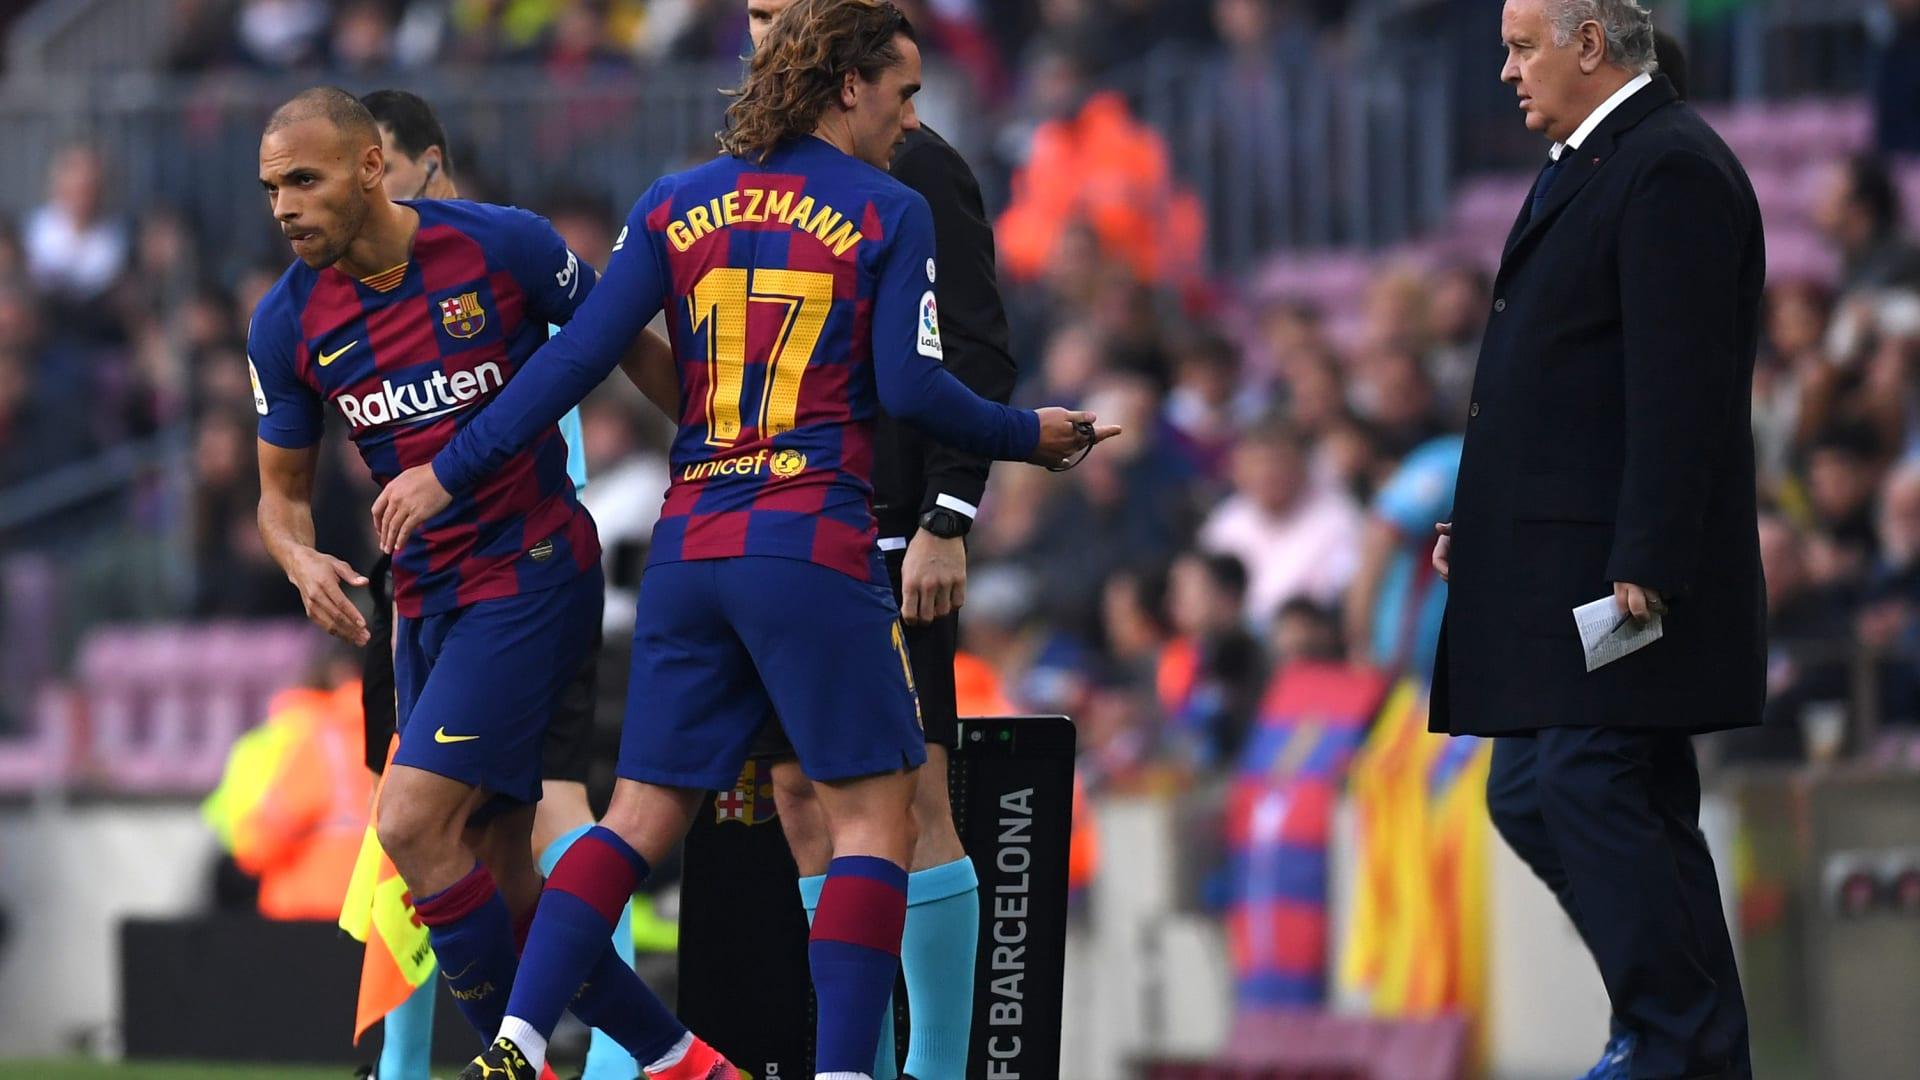 الفيفا: 5 تبديلات لكل فريق خلال مباريات كرة القدم لضمان سلامة اللاعبين